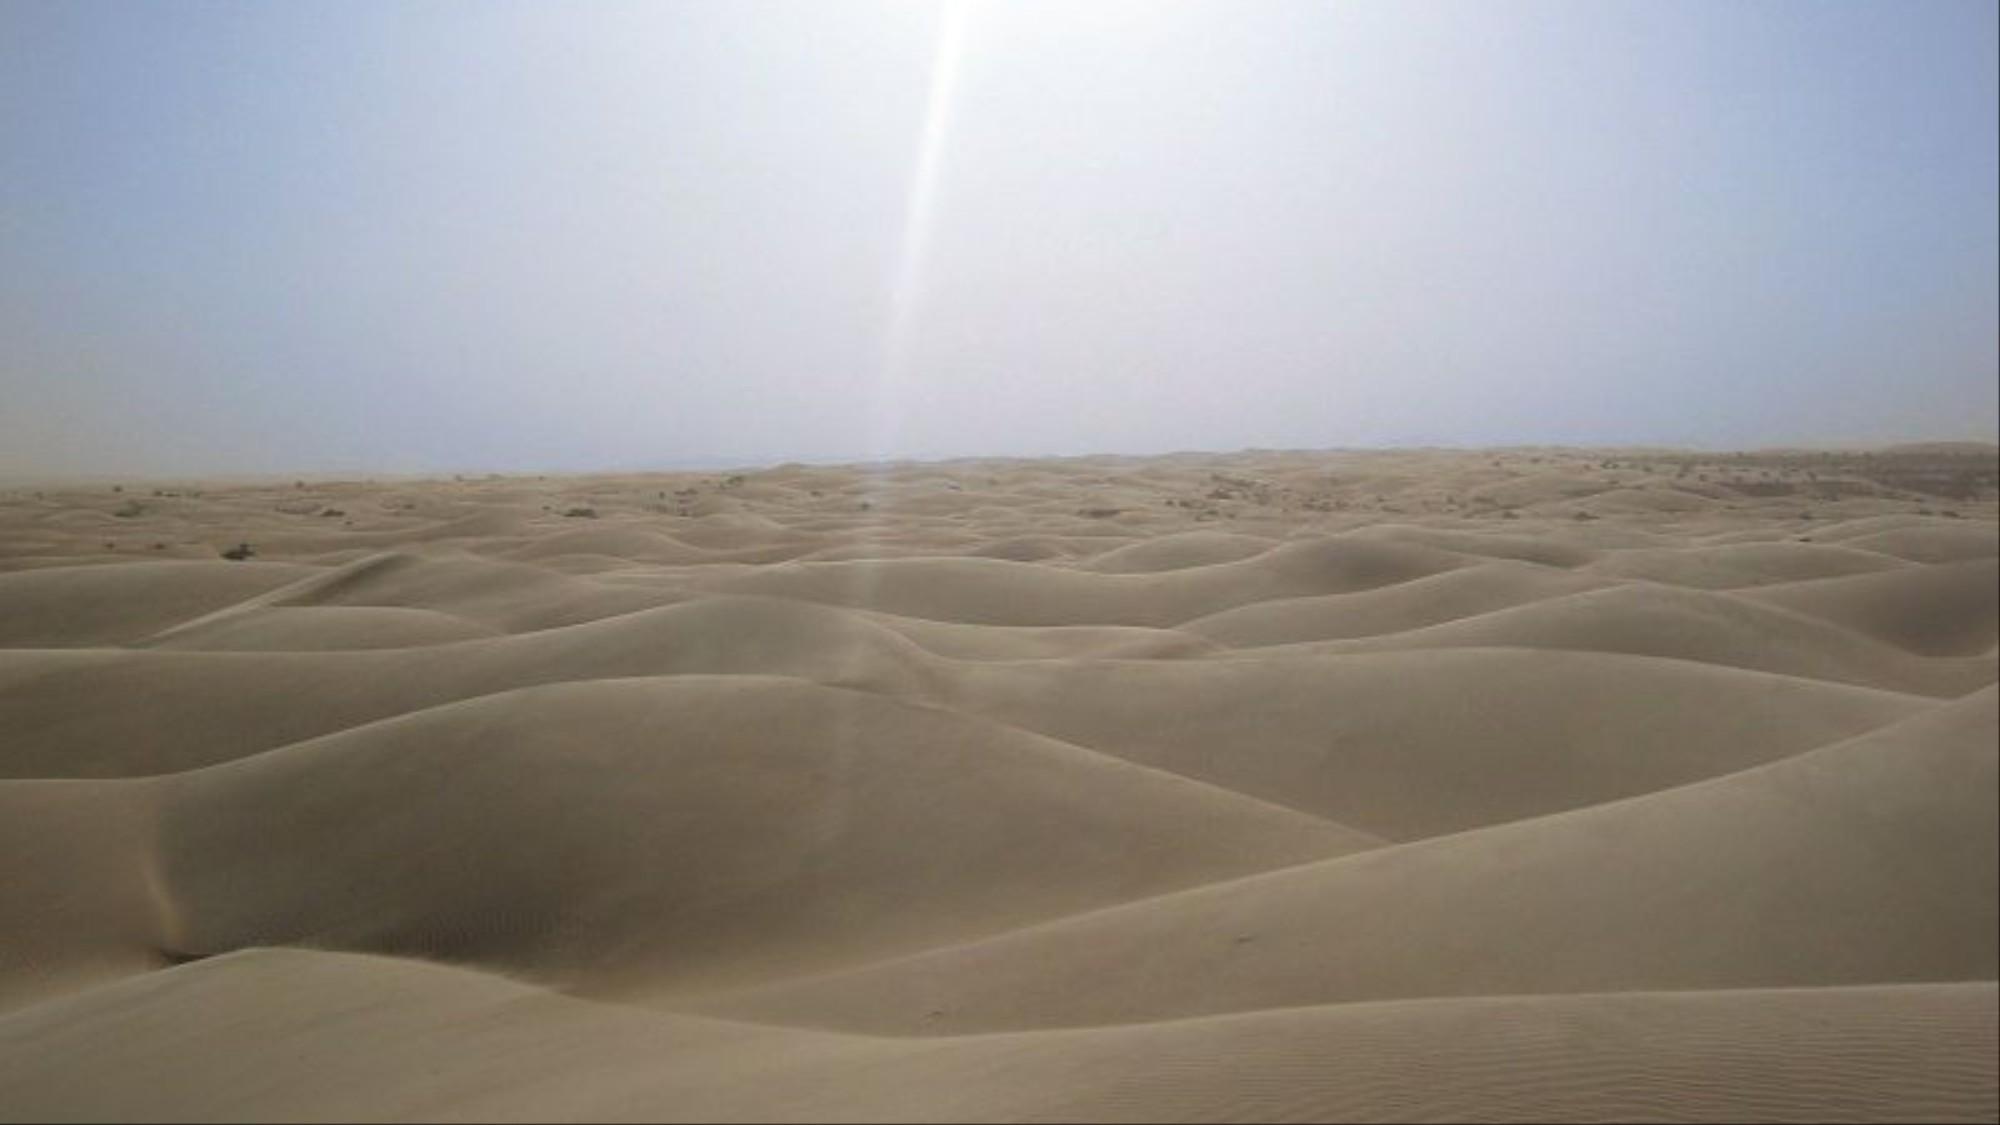 сколько процентов занимают песчаные пустыни mt com pro кредит отзывы